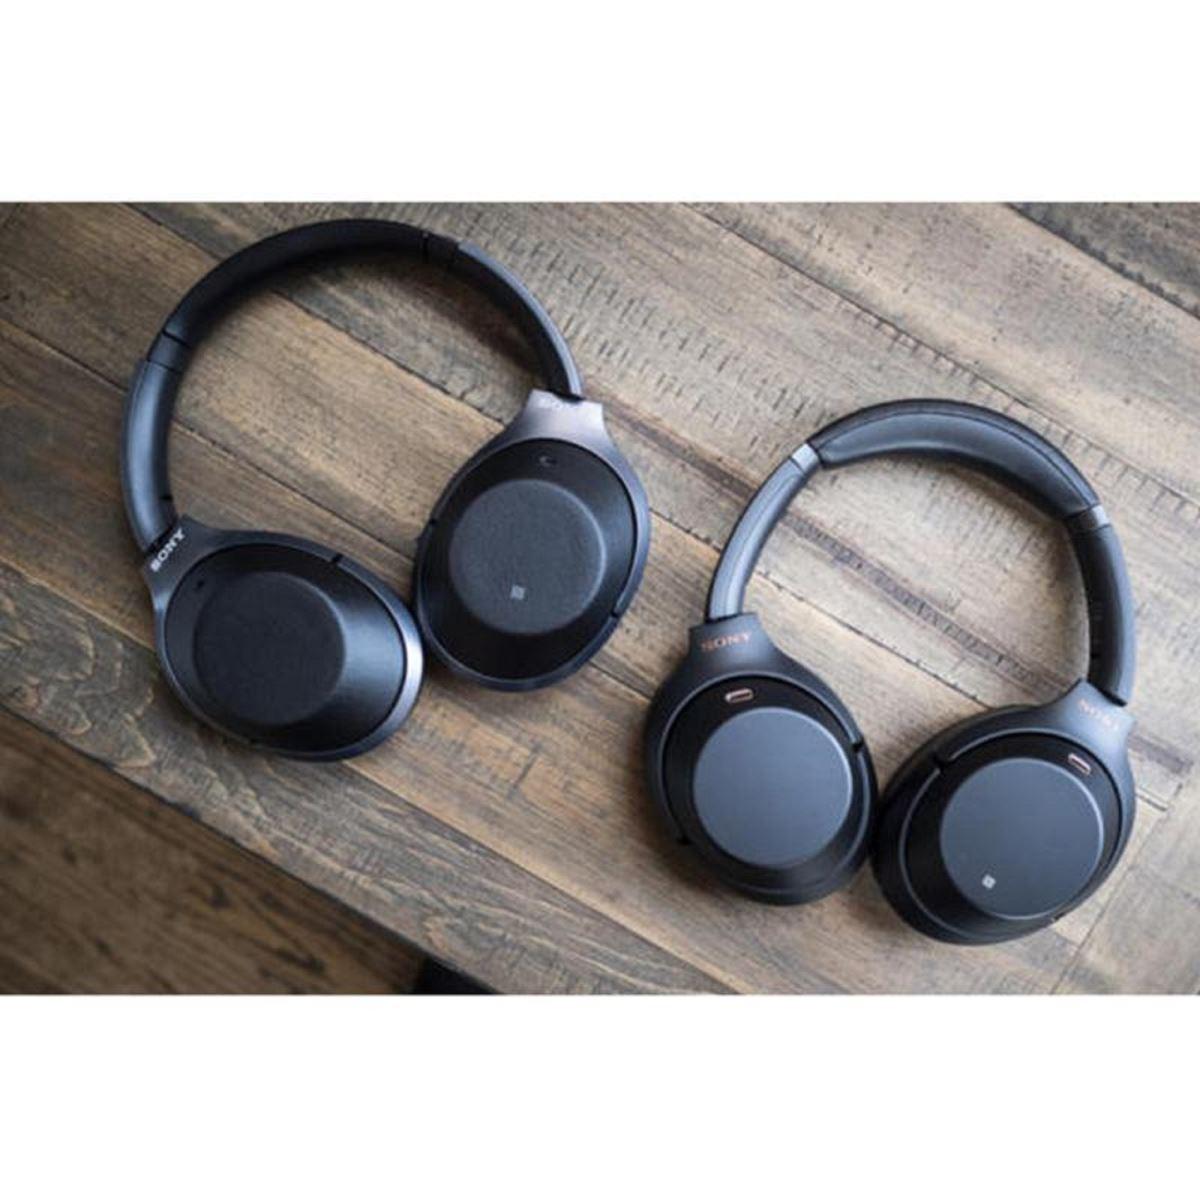 Sony ra mắt tai nghe chống ồn cao cấp WH-1000XM3